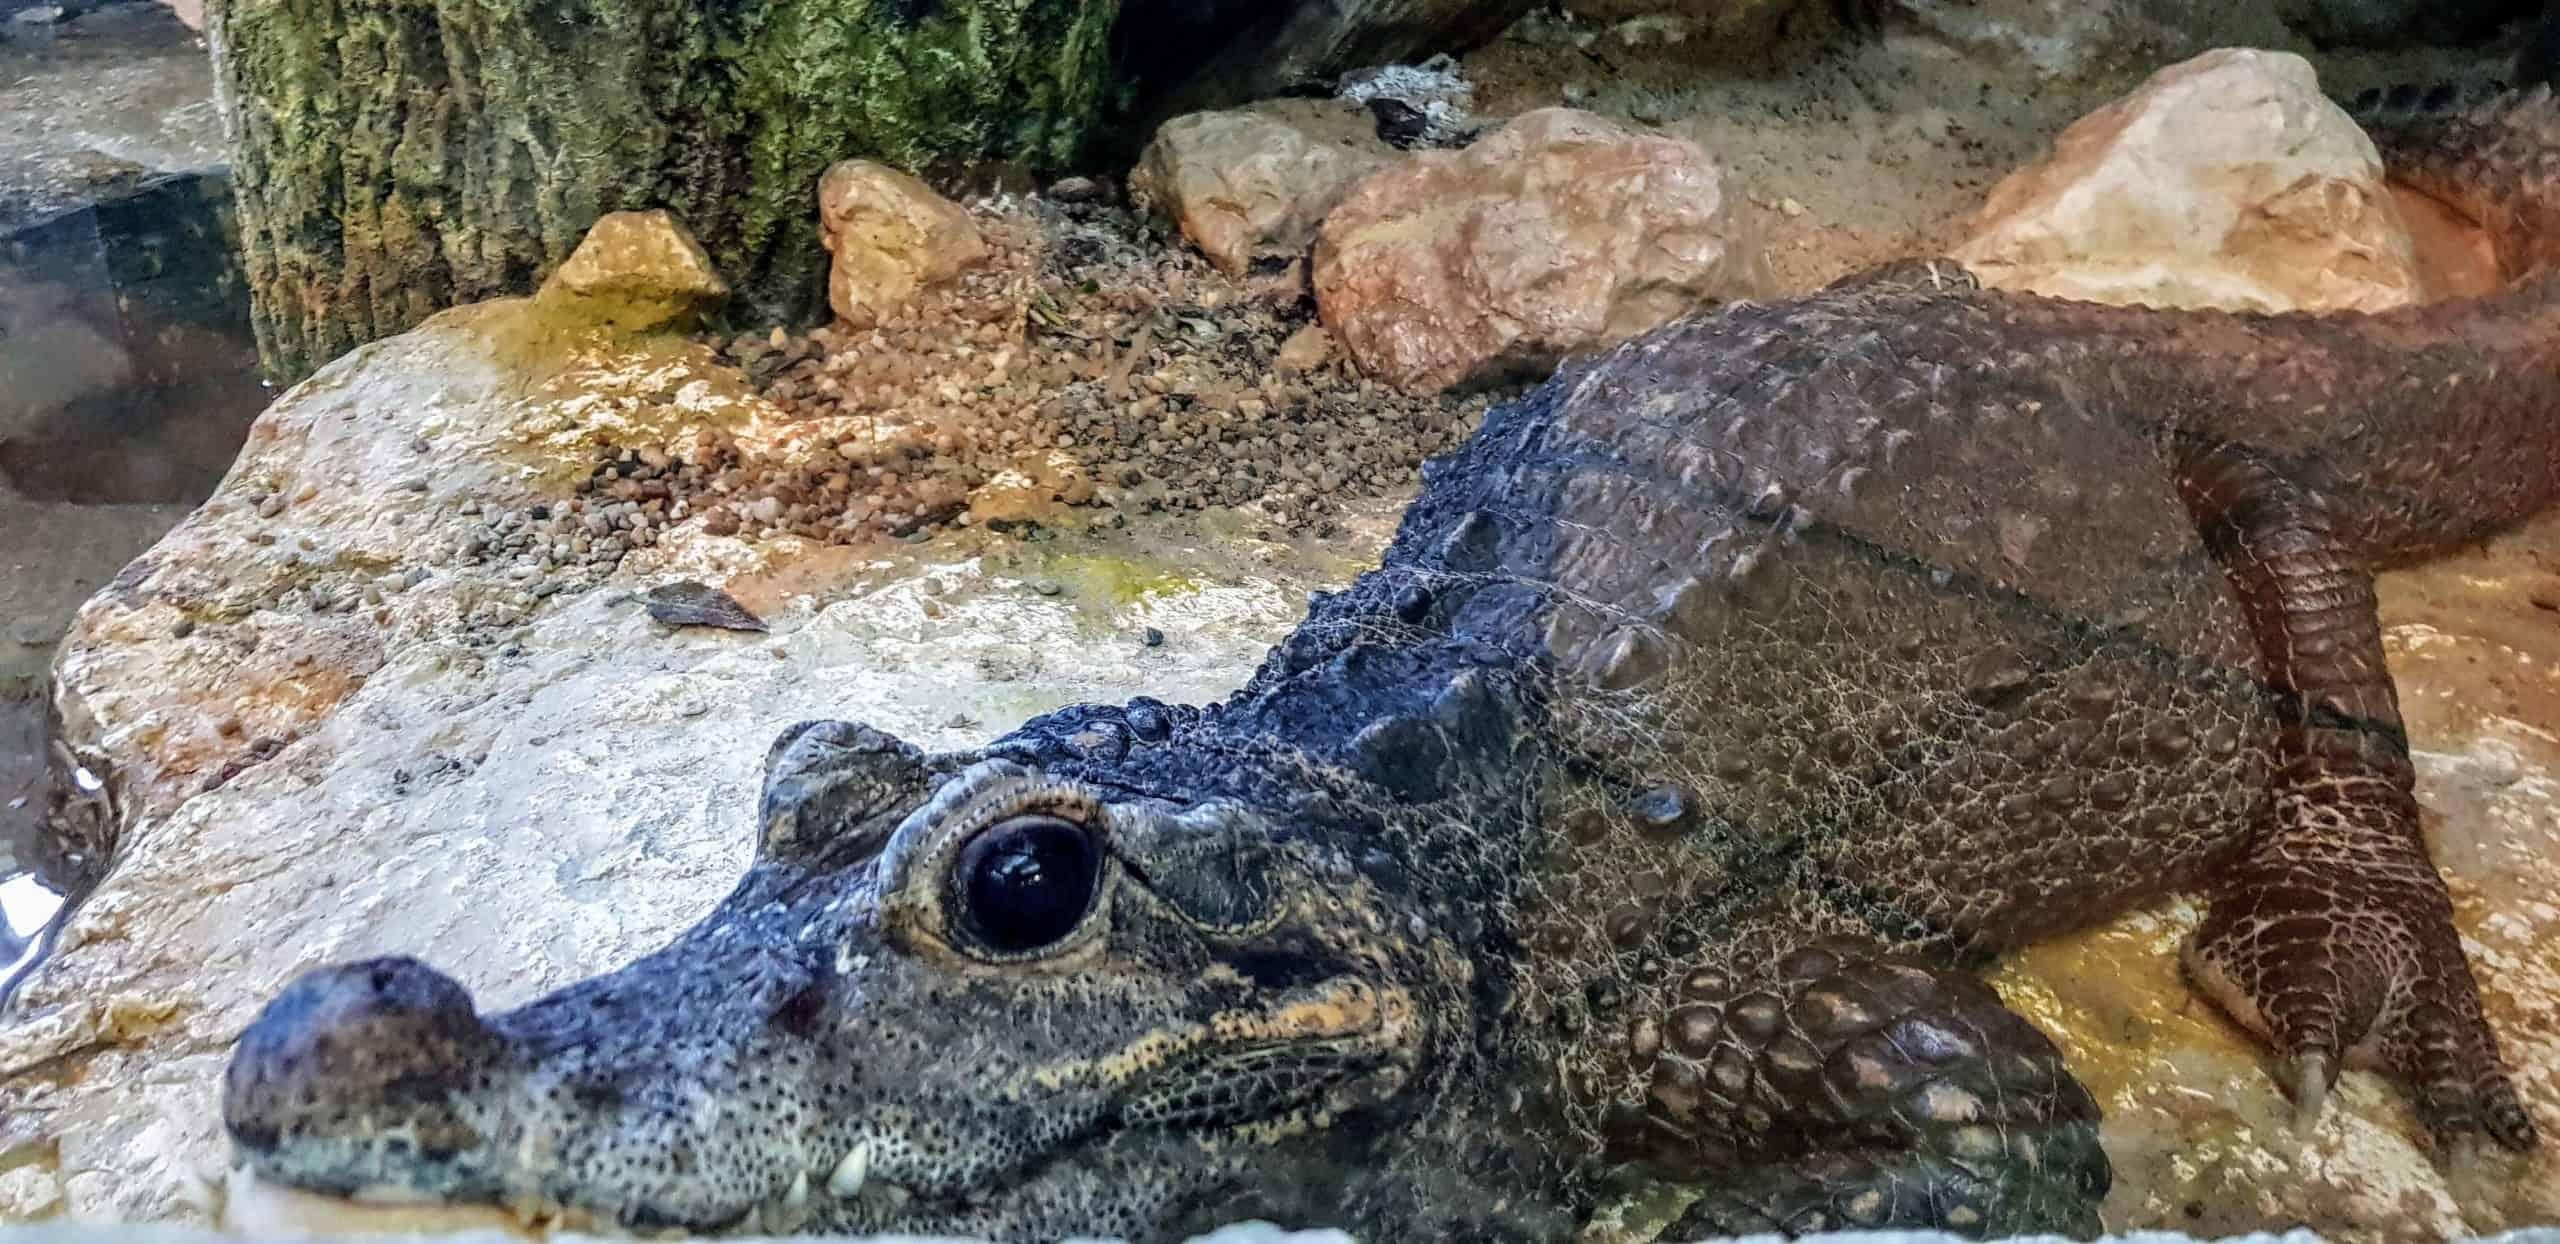 Krokodil - Reptilien im Reptilienzoo Happ in Kärnten